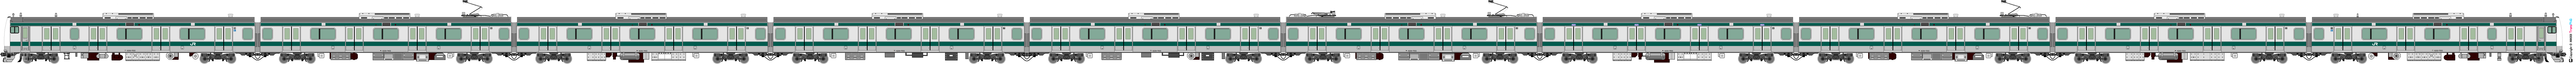 [5392] 東日本旅客鉄道 5392